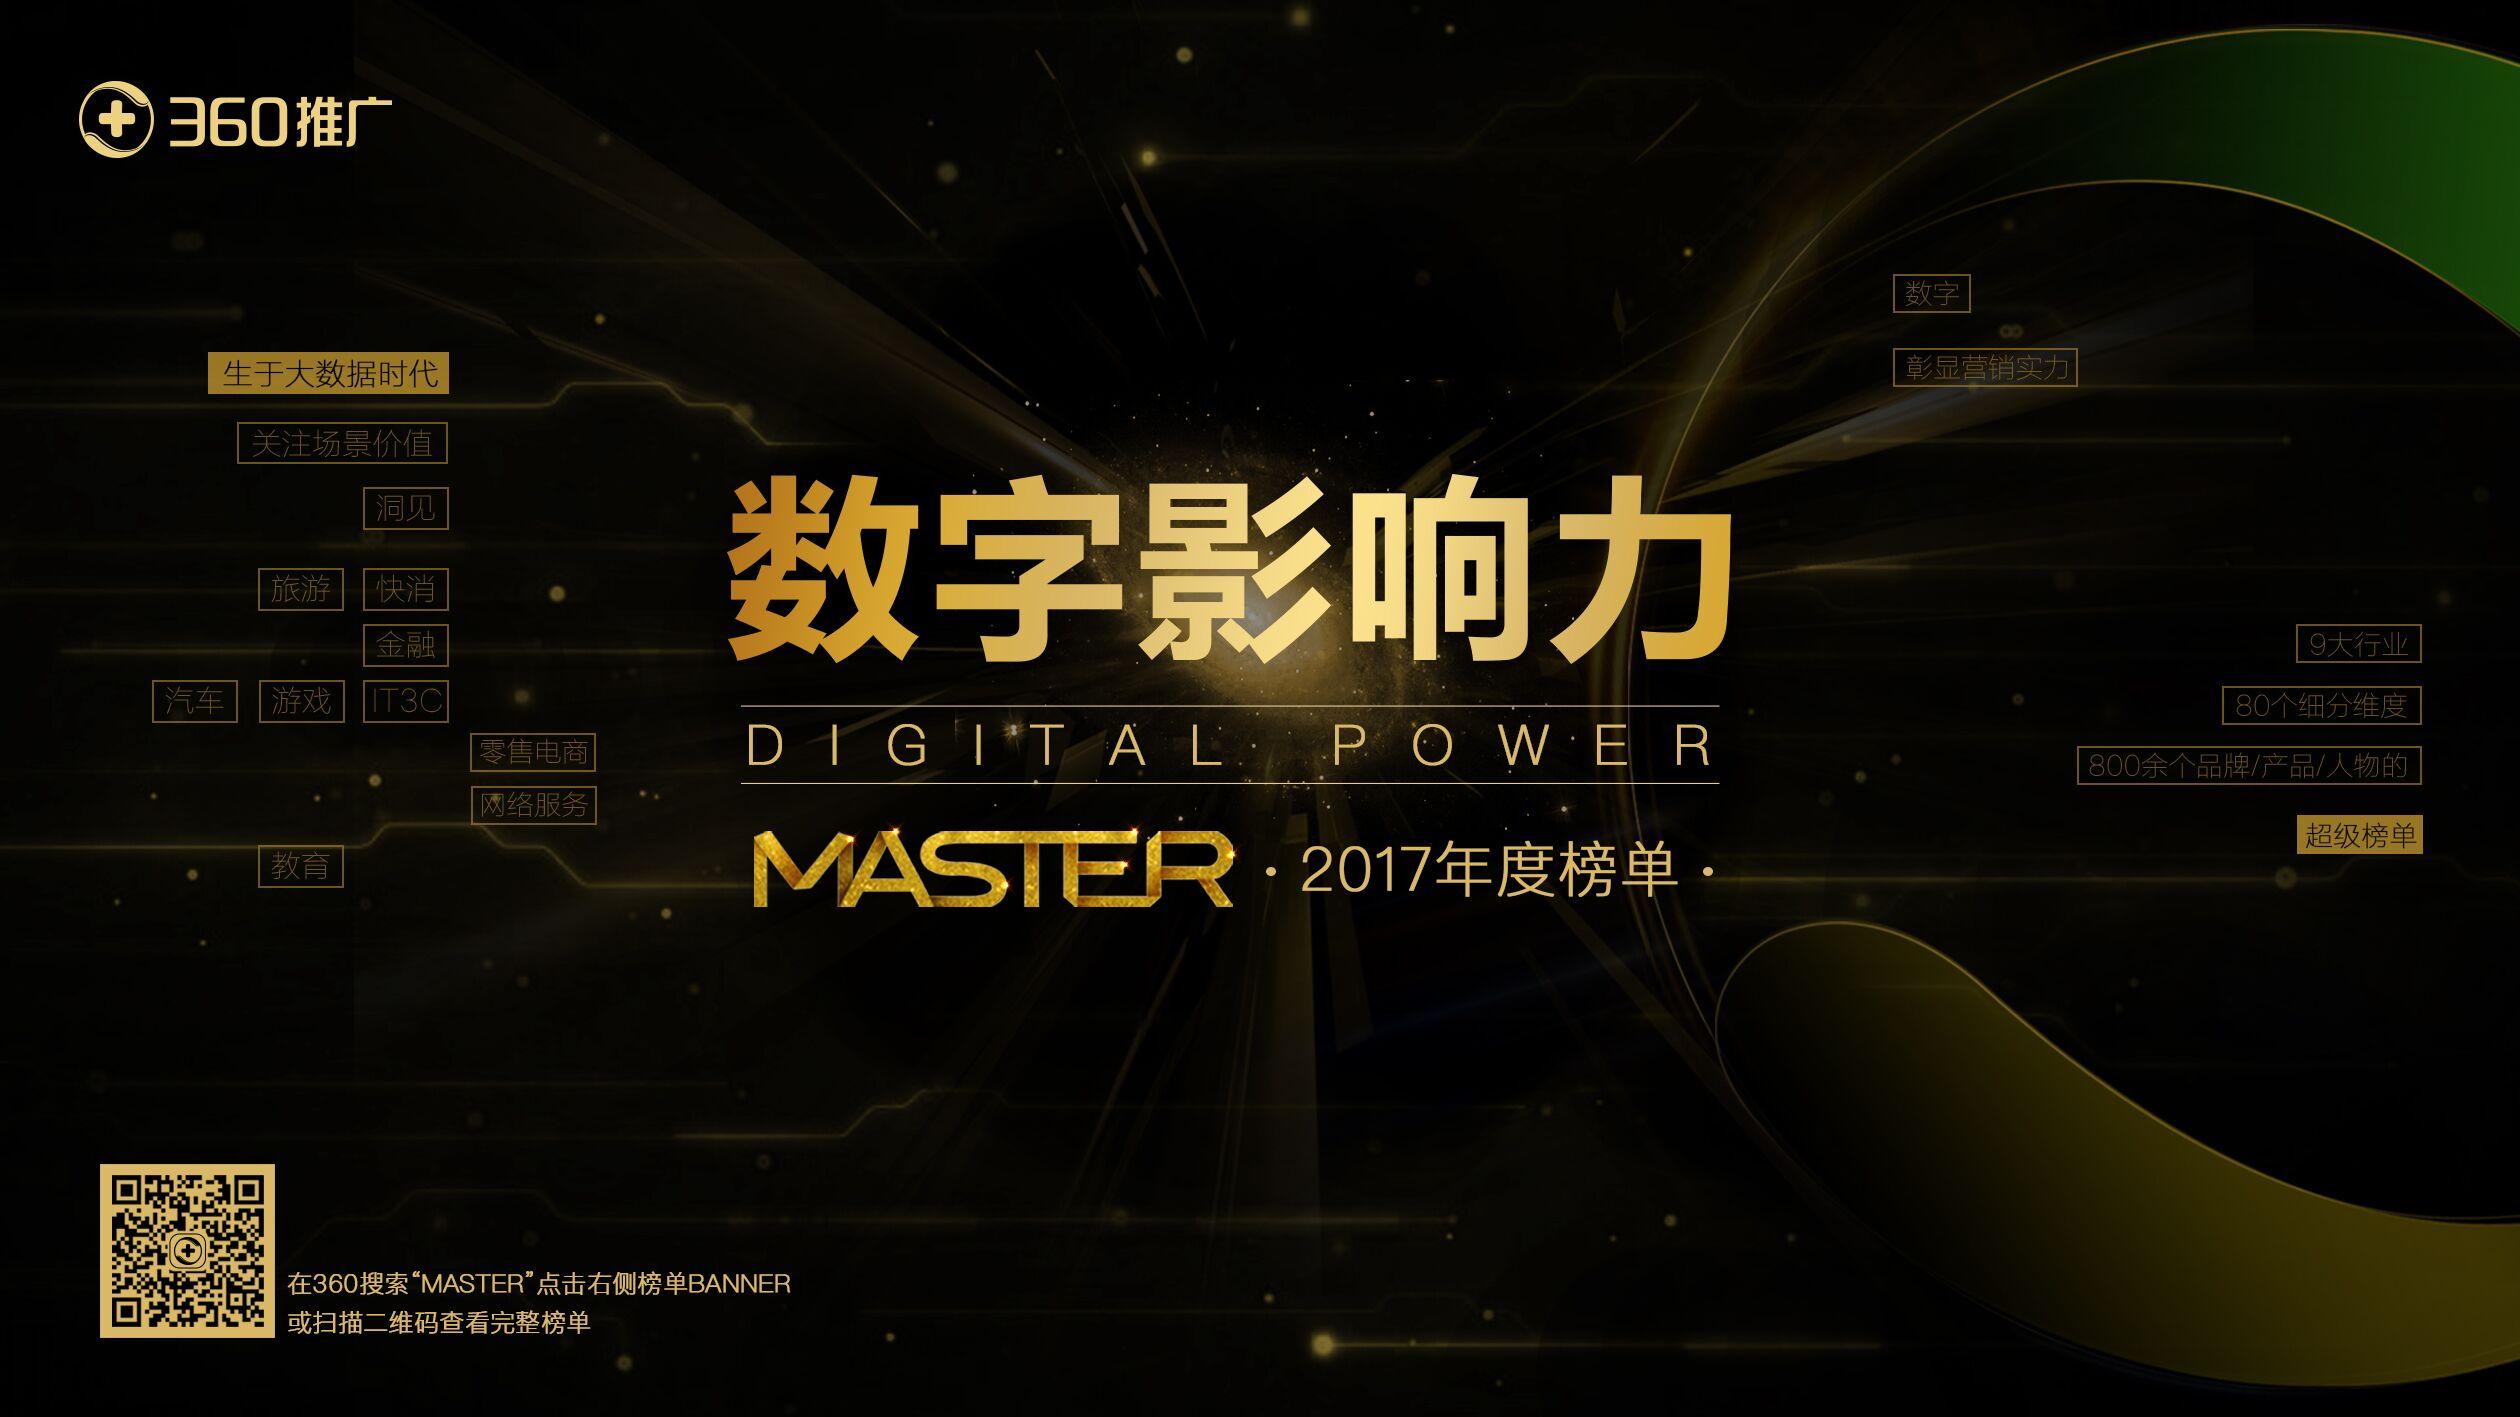 360推广发布MASTER2017年度榜单,见证数字影响力